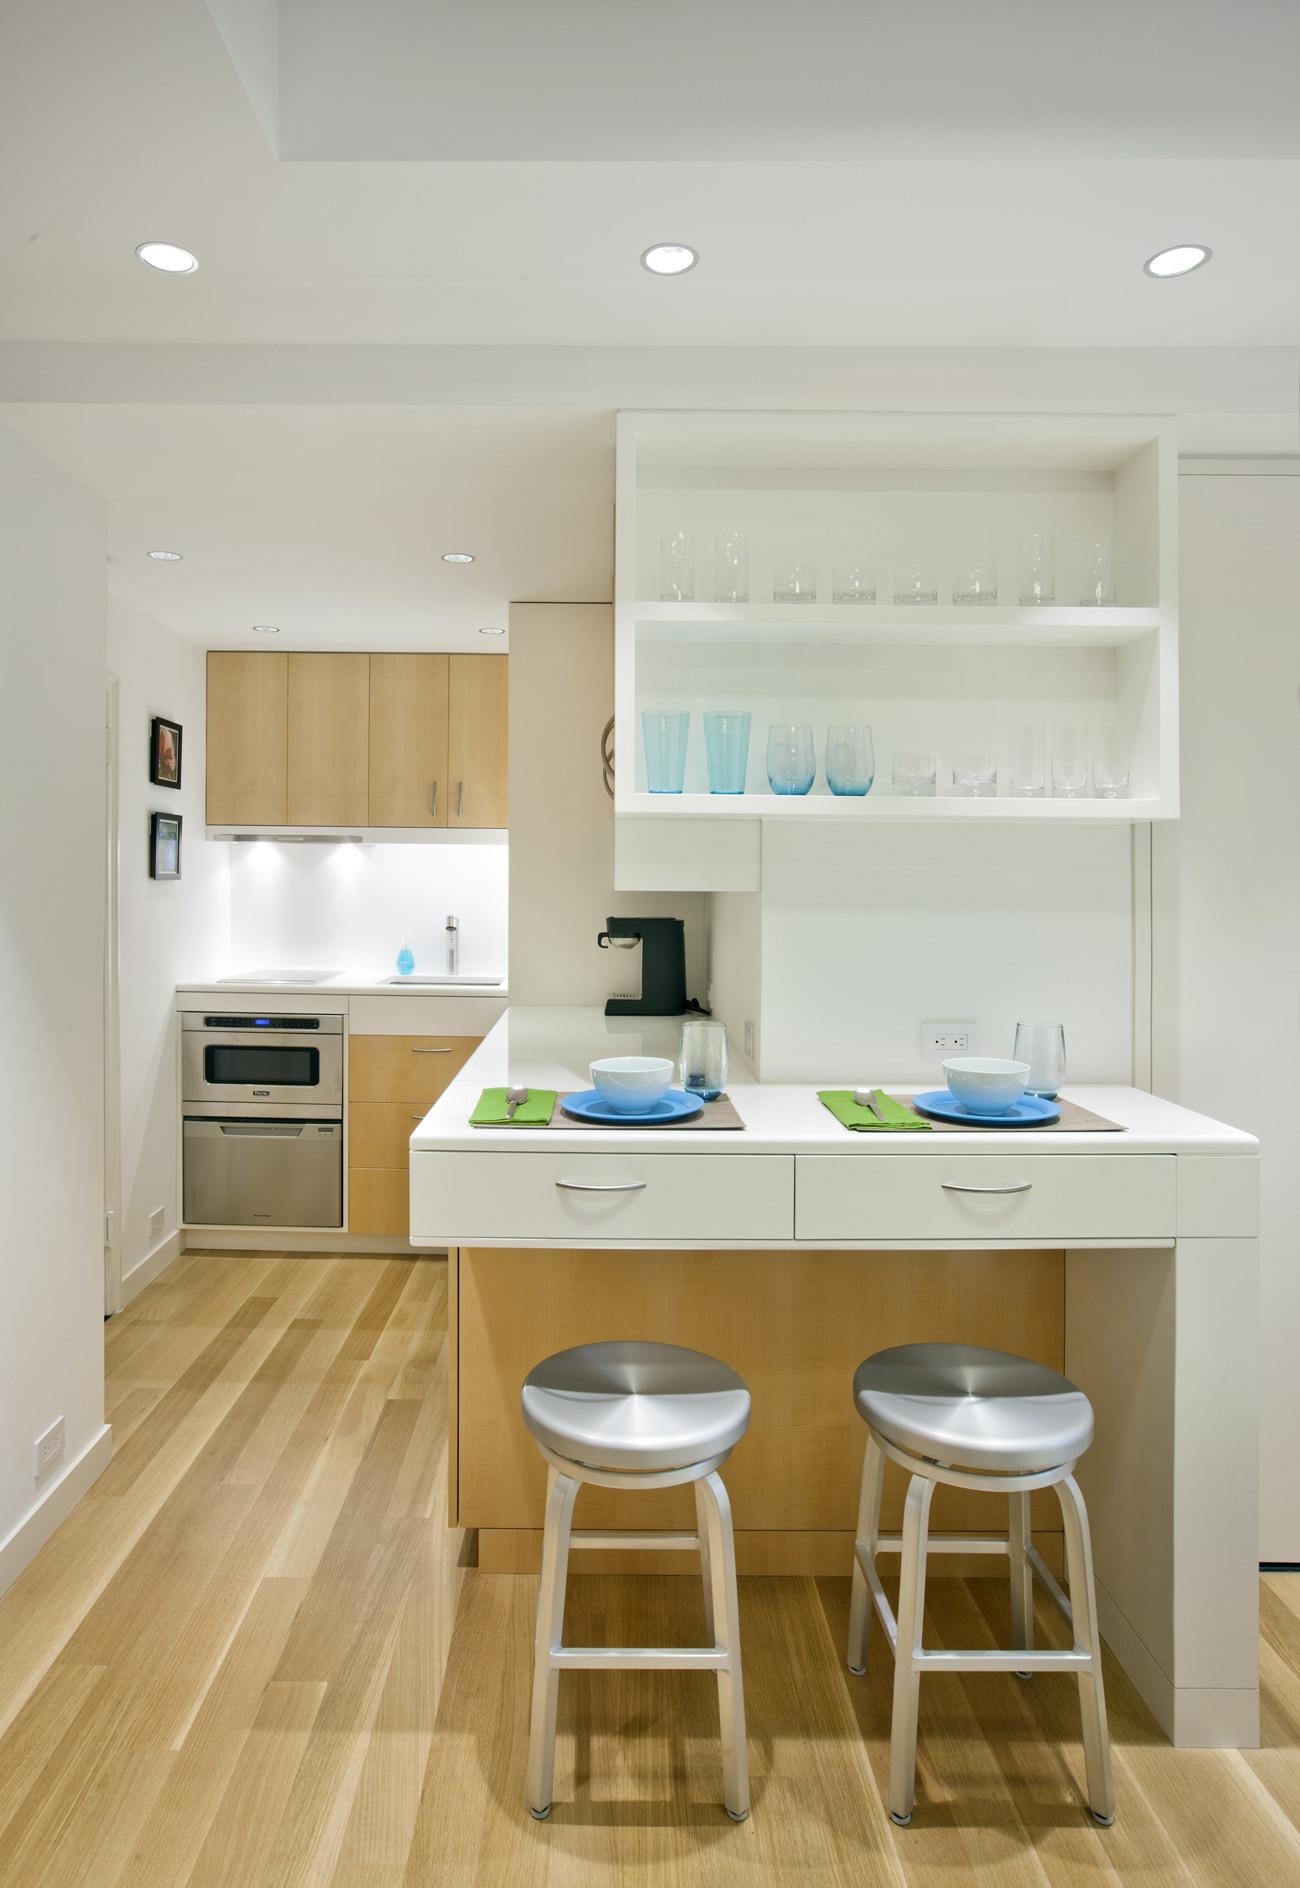 Кухня в интерьере маленькой студии